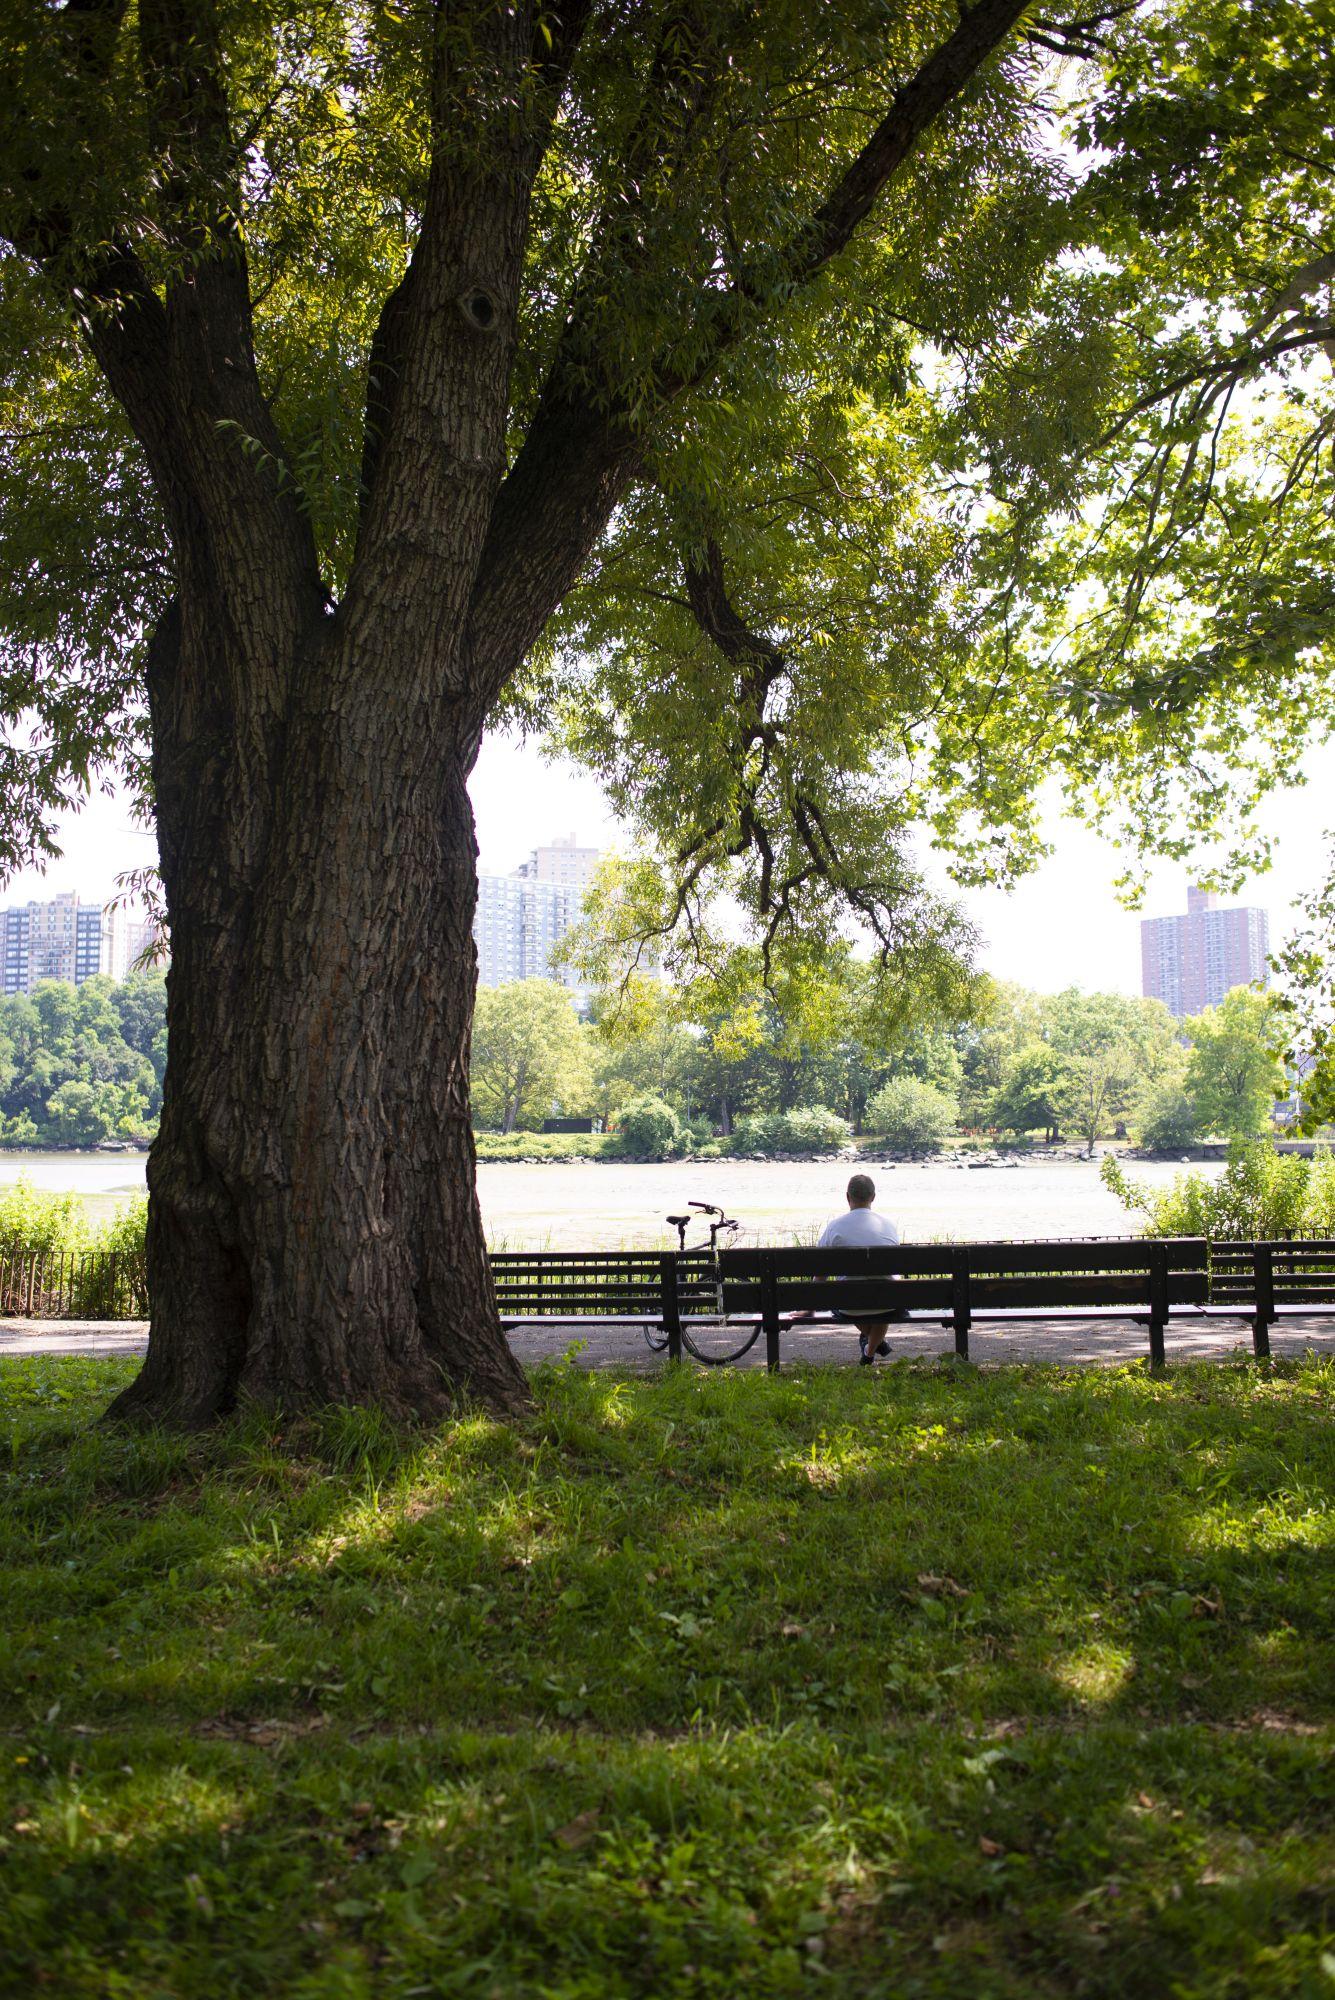 Slide 3 - Inwood Hill Park